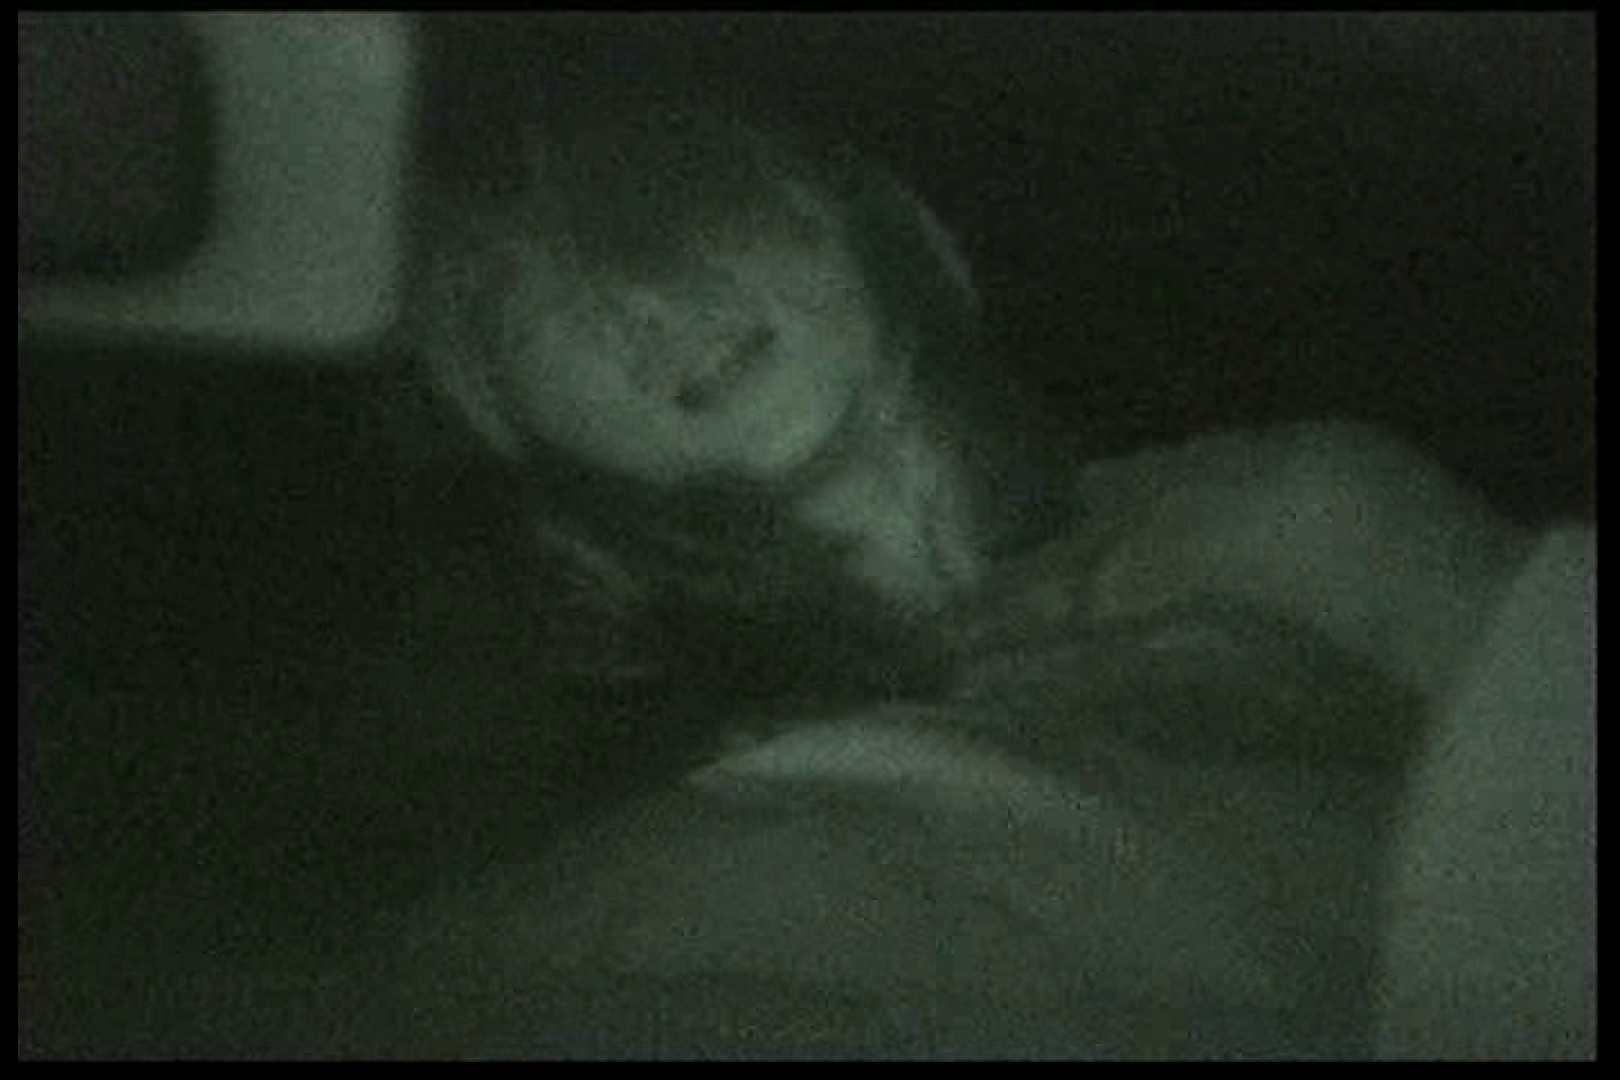 車の中はラブホテル 無修正版  Vol.13 無修正マンコ 隠し撮りオマンコ動画紹介 65PIX 44